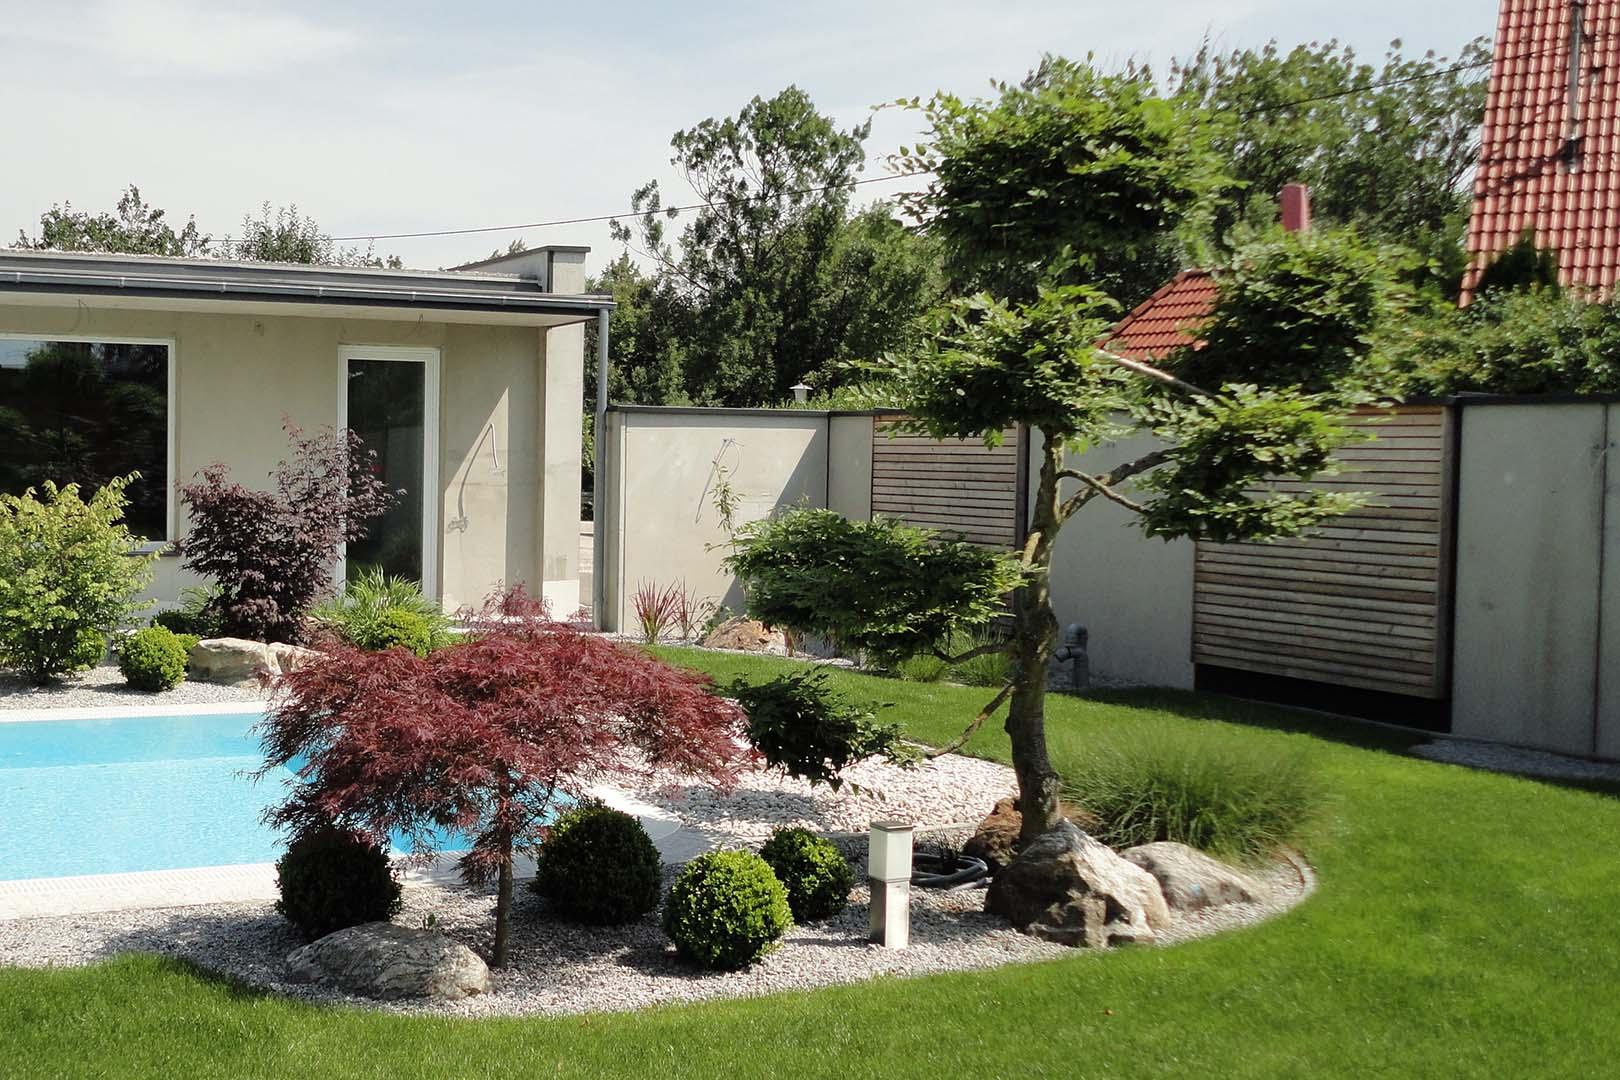 Gartendesign Whirlpool